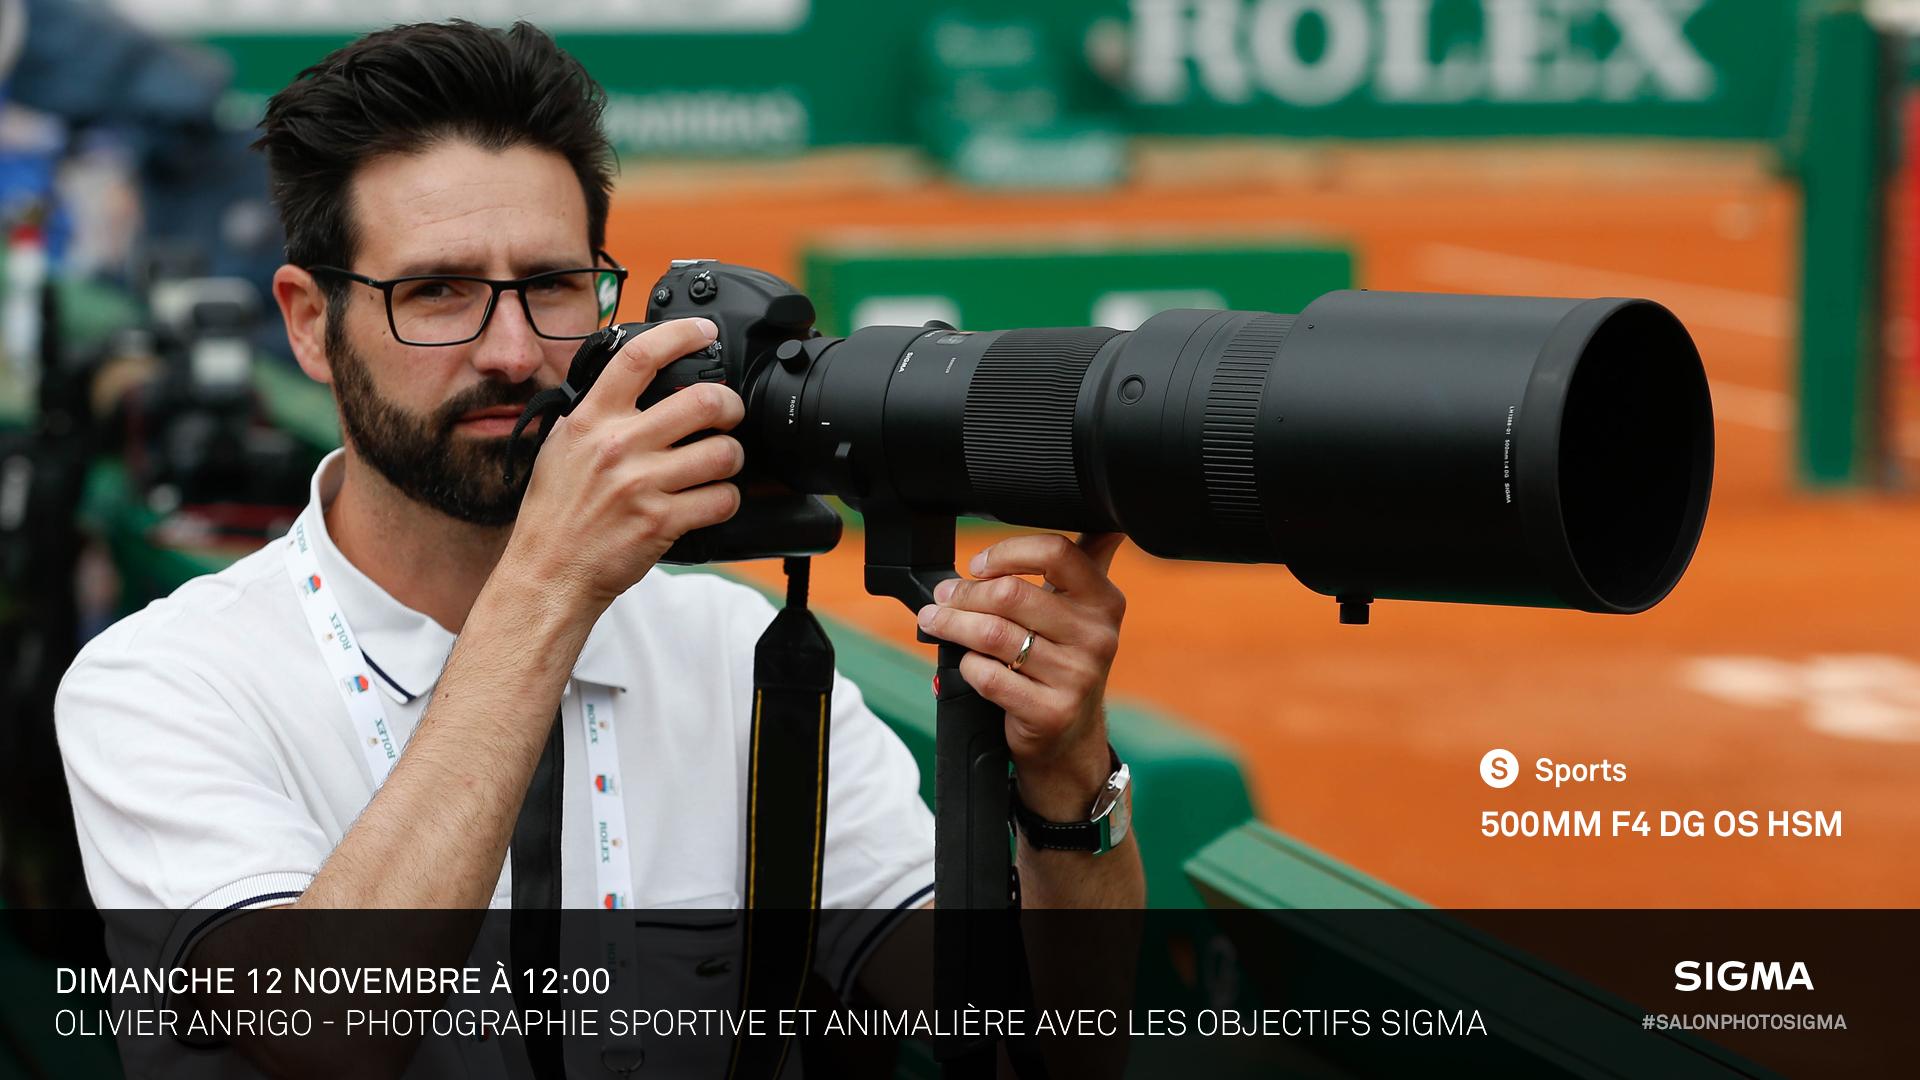 Olivier Anrigo - Photographie sportive et animalière avec les longues focales SIGMA